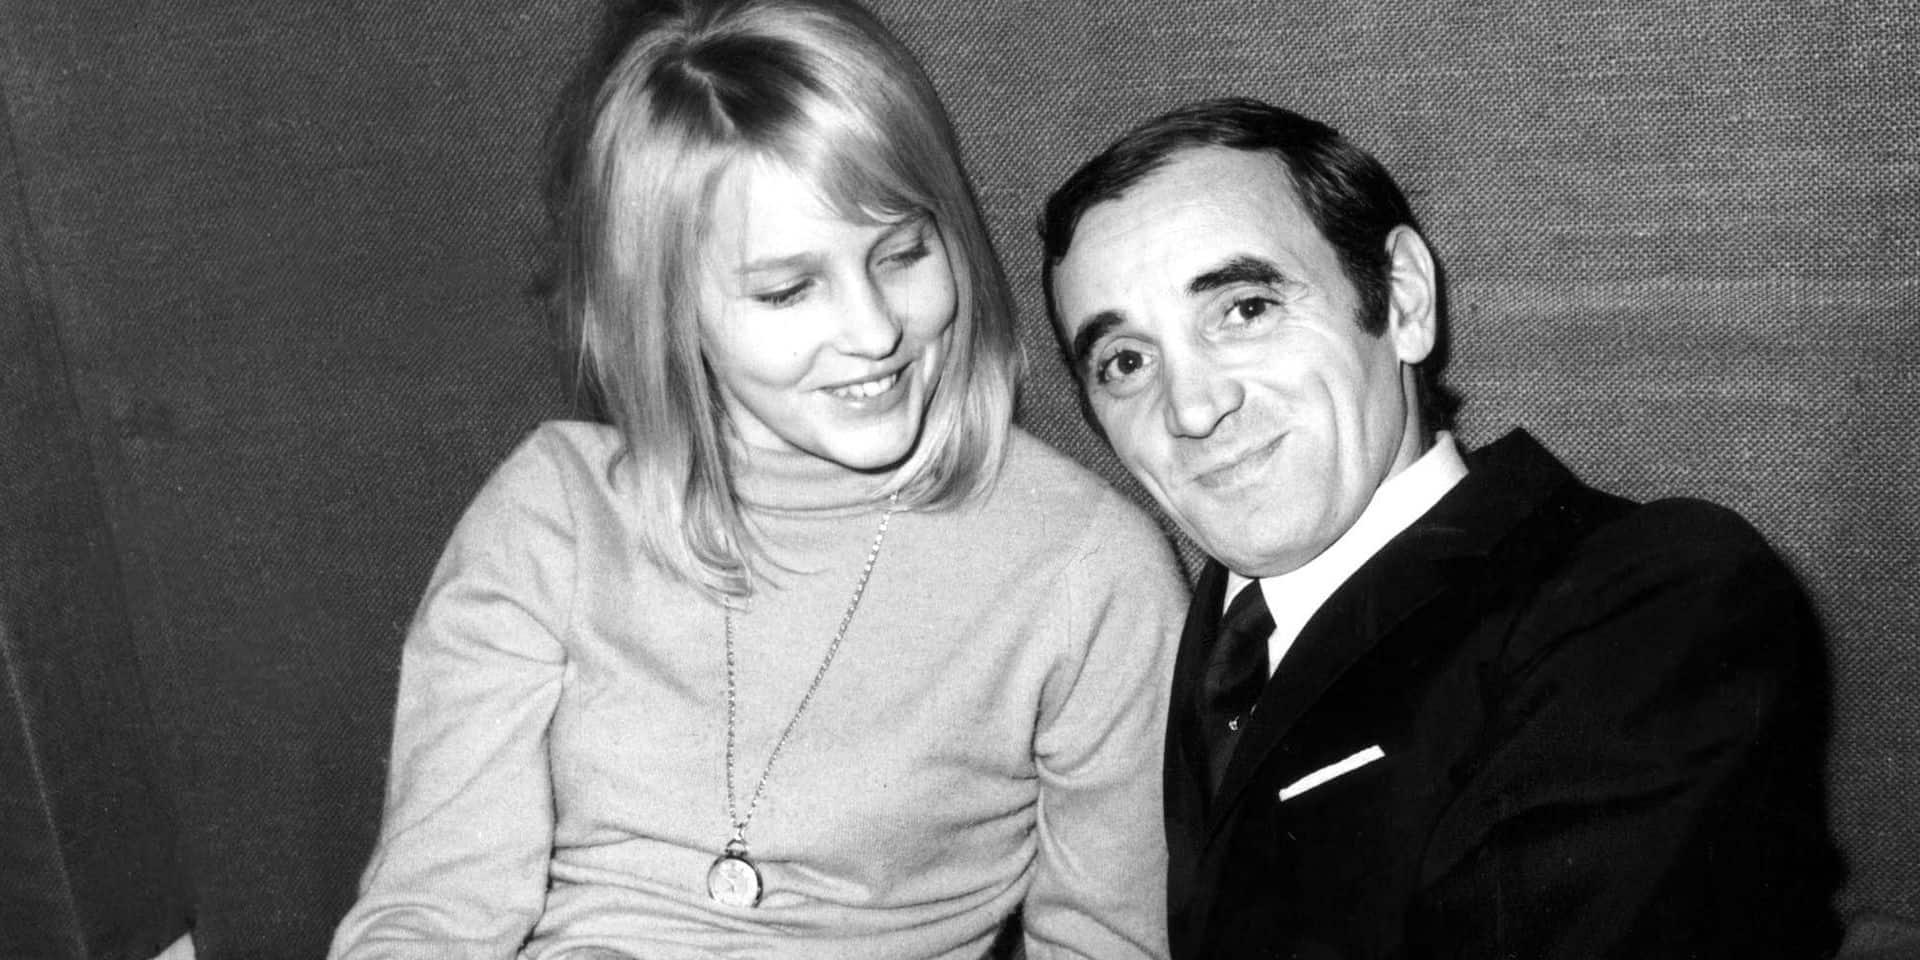 Le grand amour de Charles Aznavour s'appelait Ulla